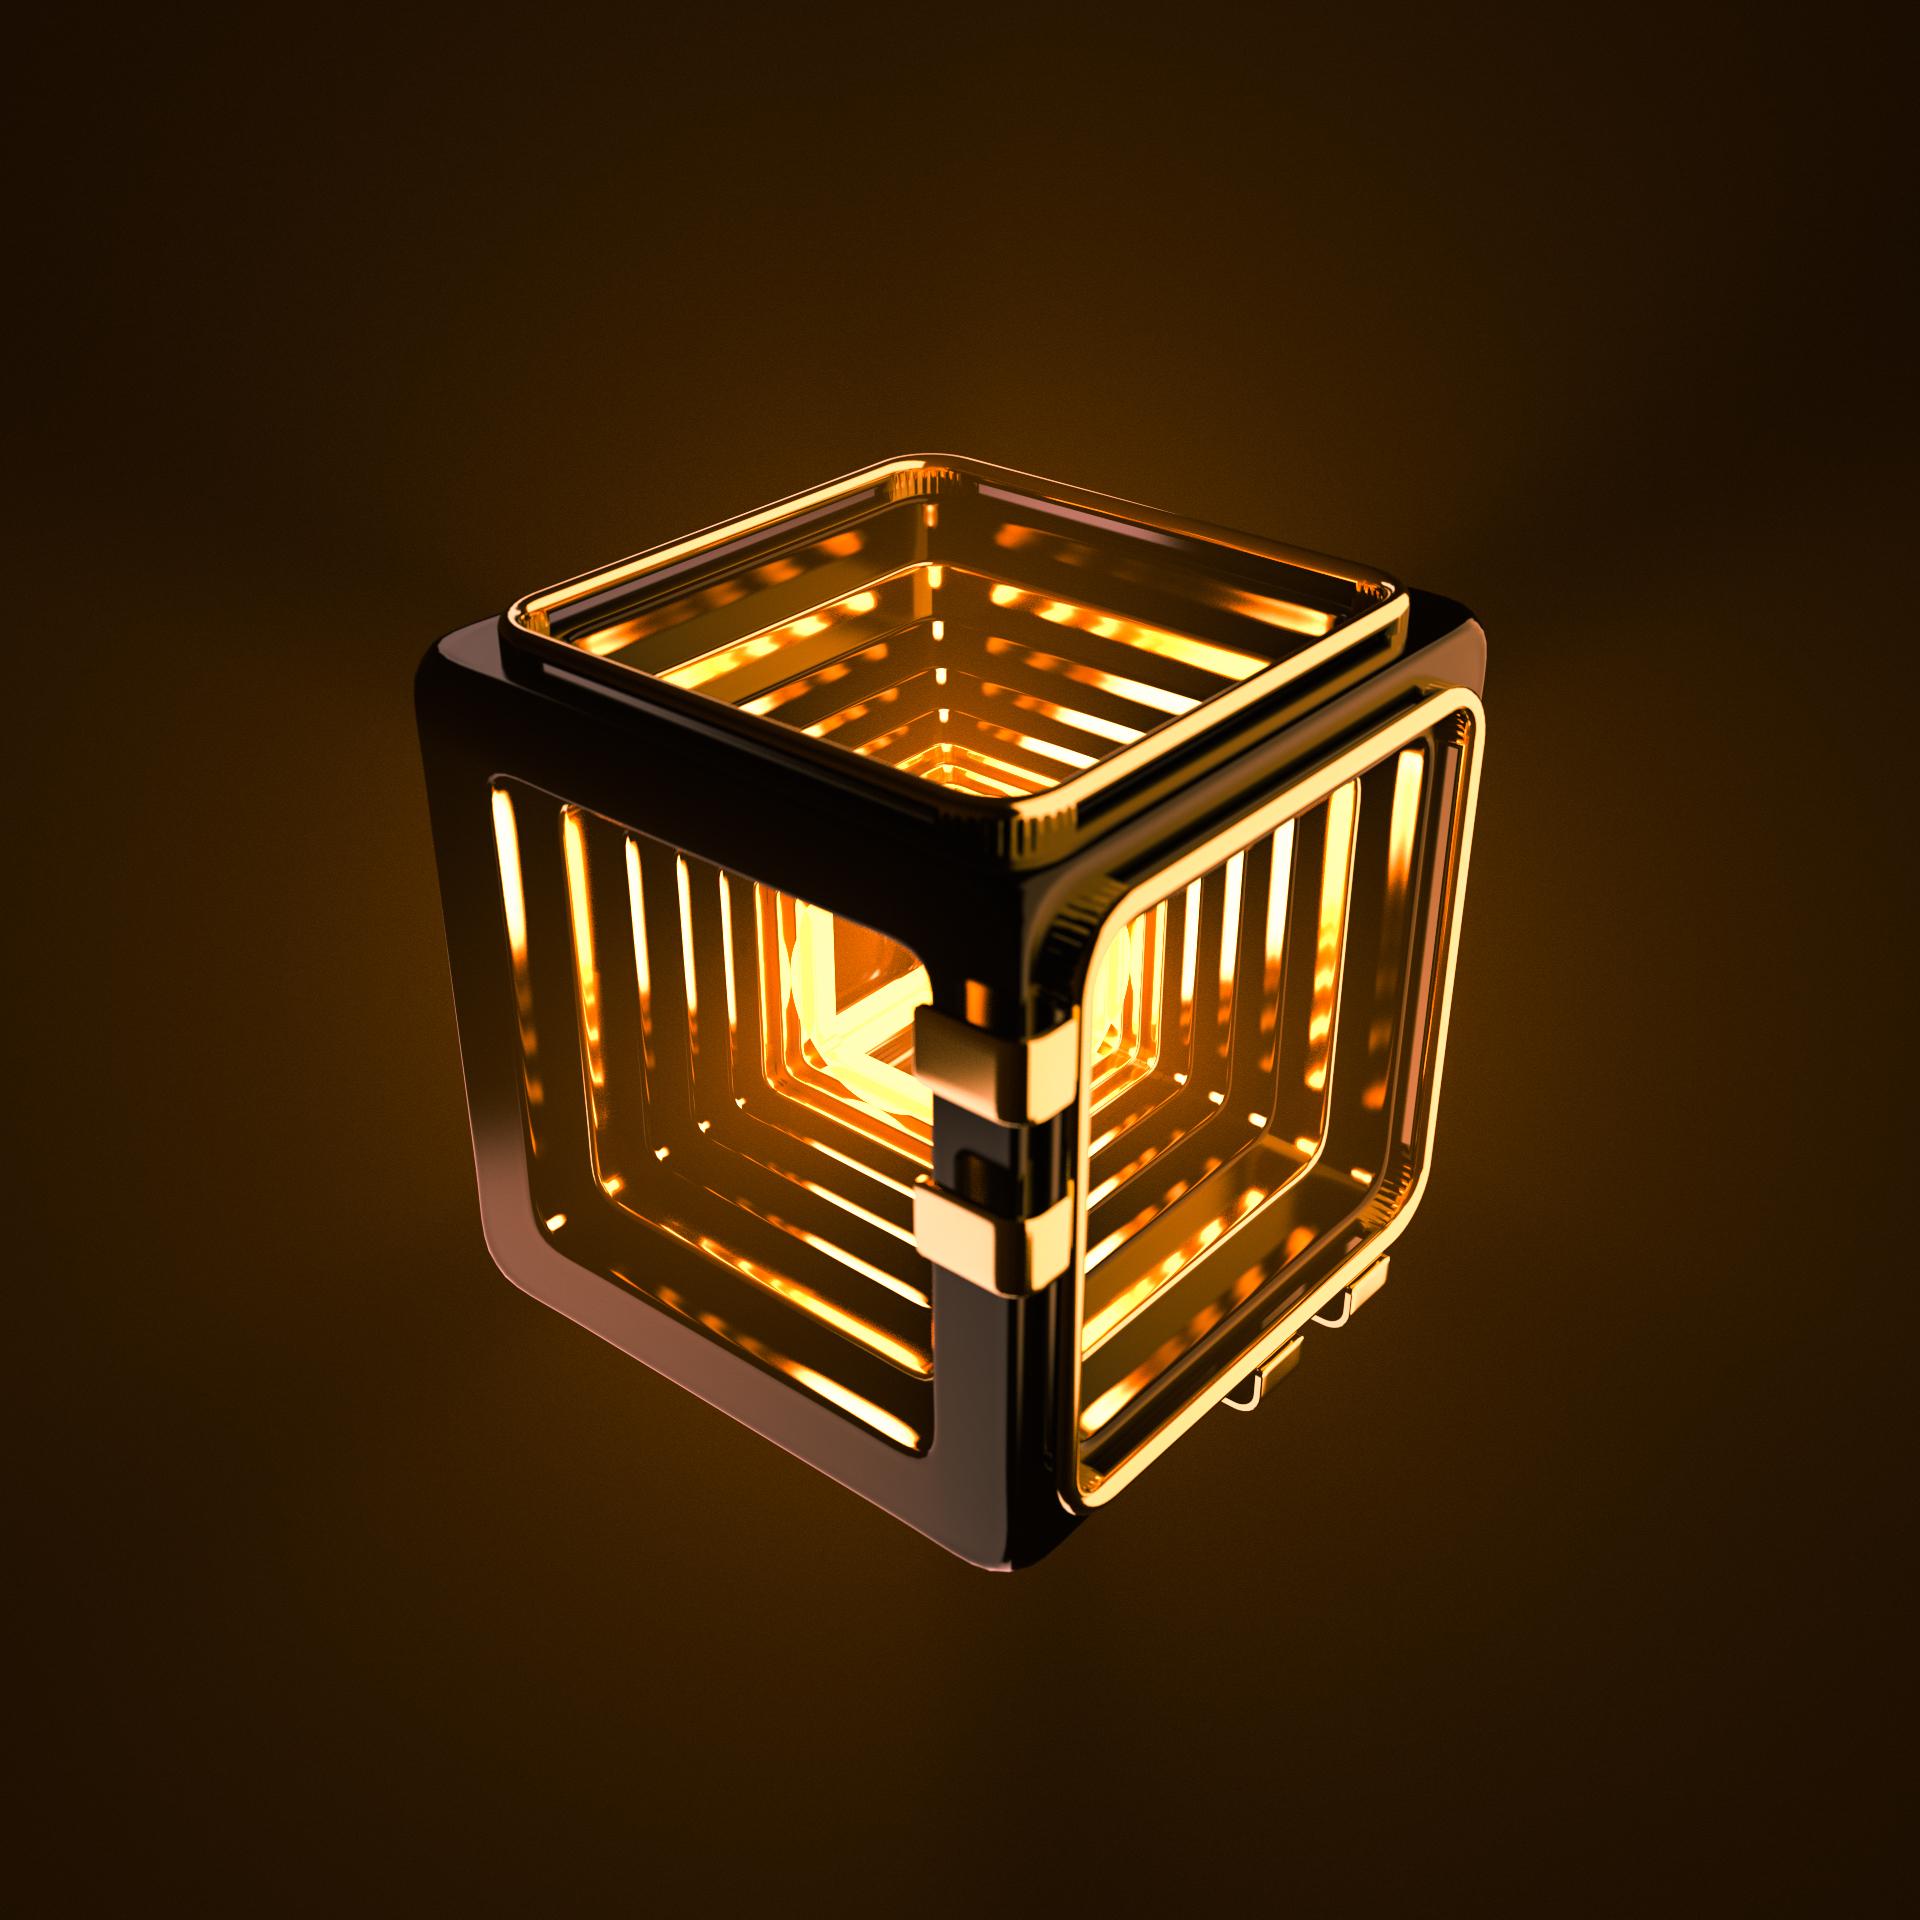 Artifact_GOLD-3